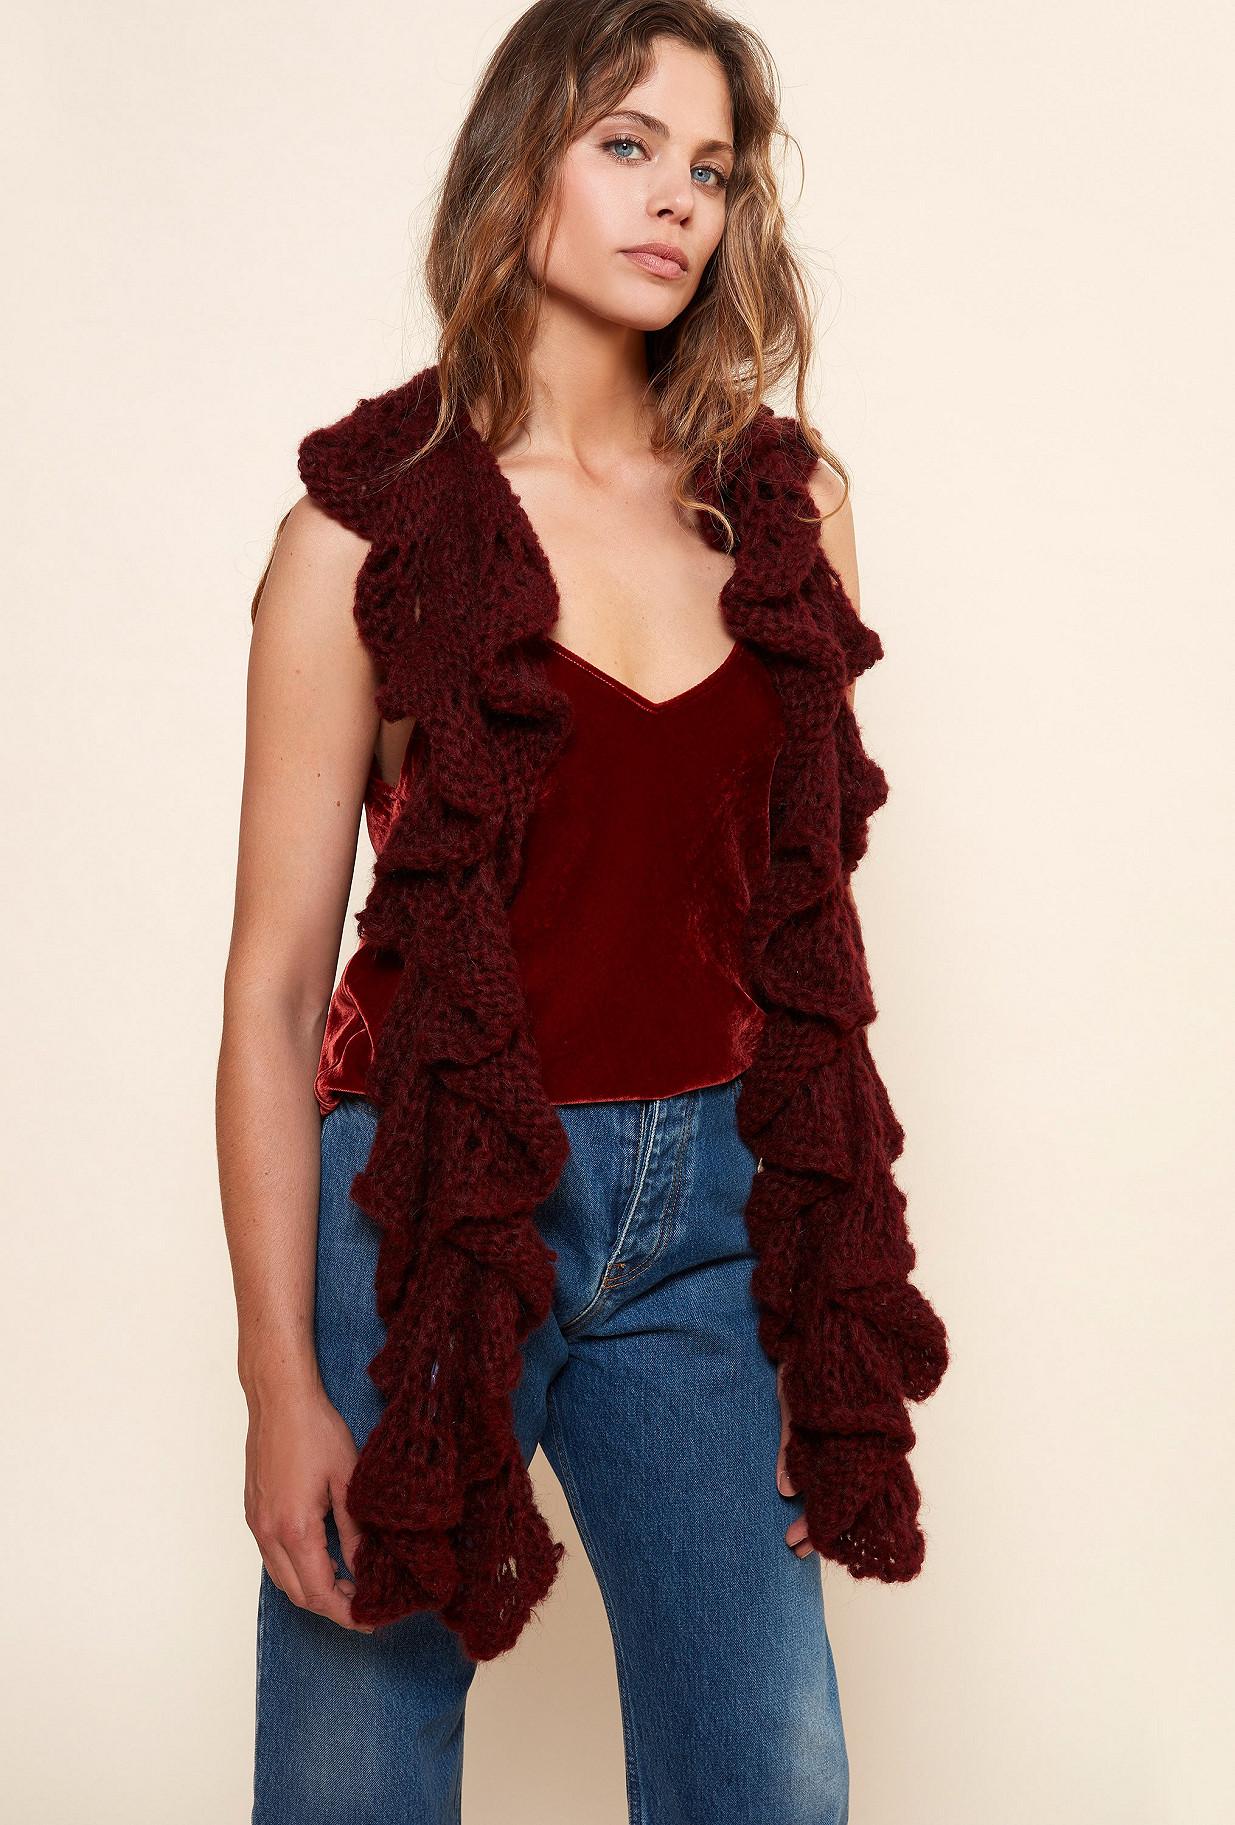 Écharpe Rouge  Frimouse mes demoiselles paris vêtement femme paris